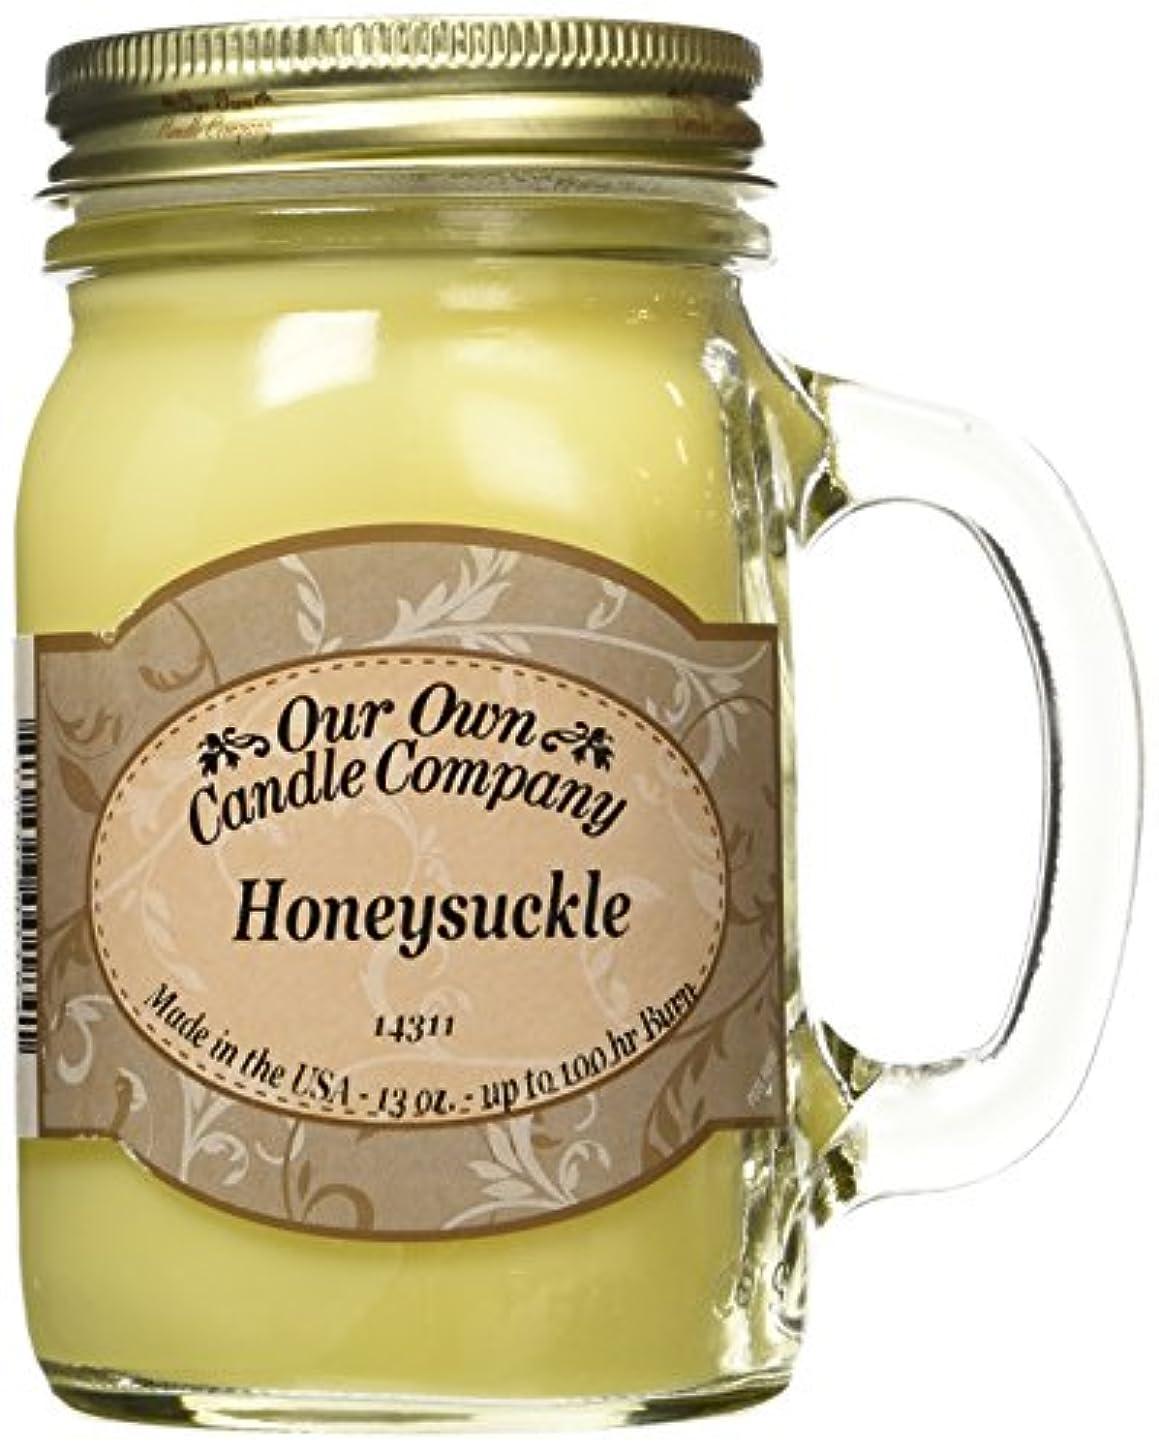 調子スピーカーオープナーアロマキャンドル メイソンジャー ハニーサックル ビッグ Our Own Candle Company Honeysuckle big 日本未発売フレグランス